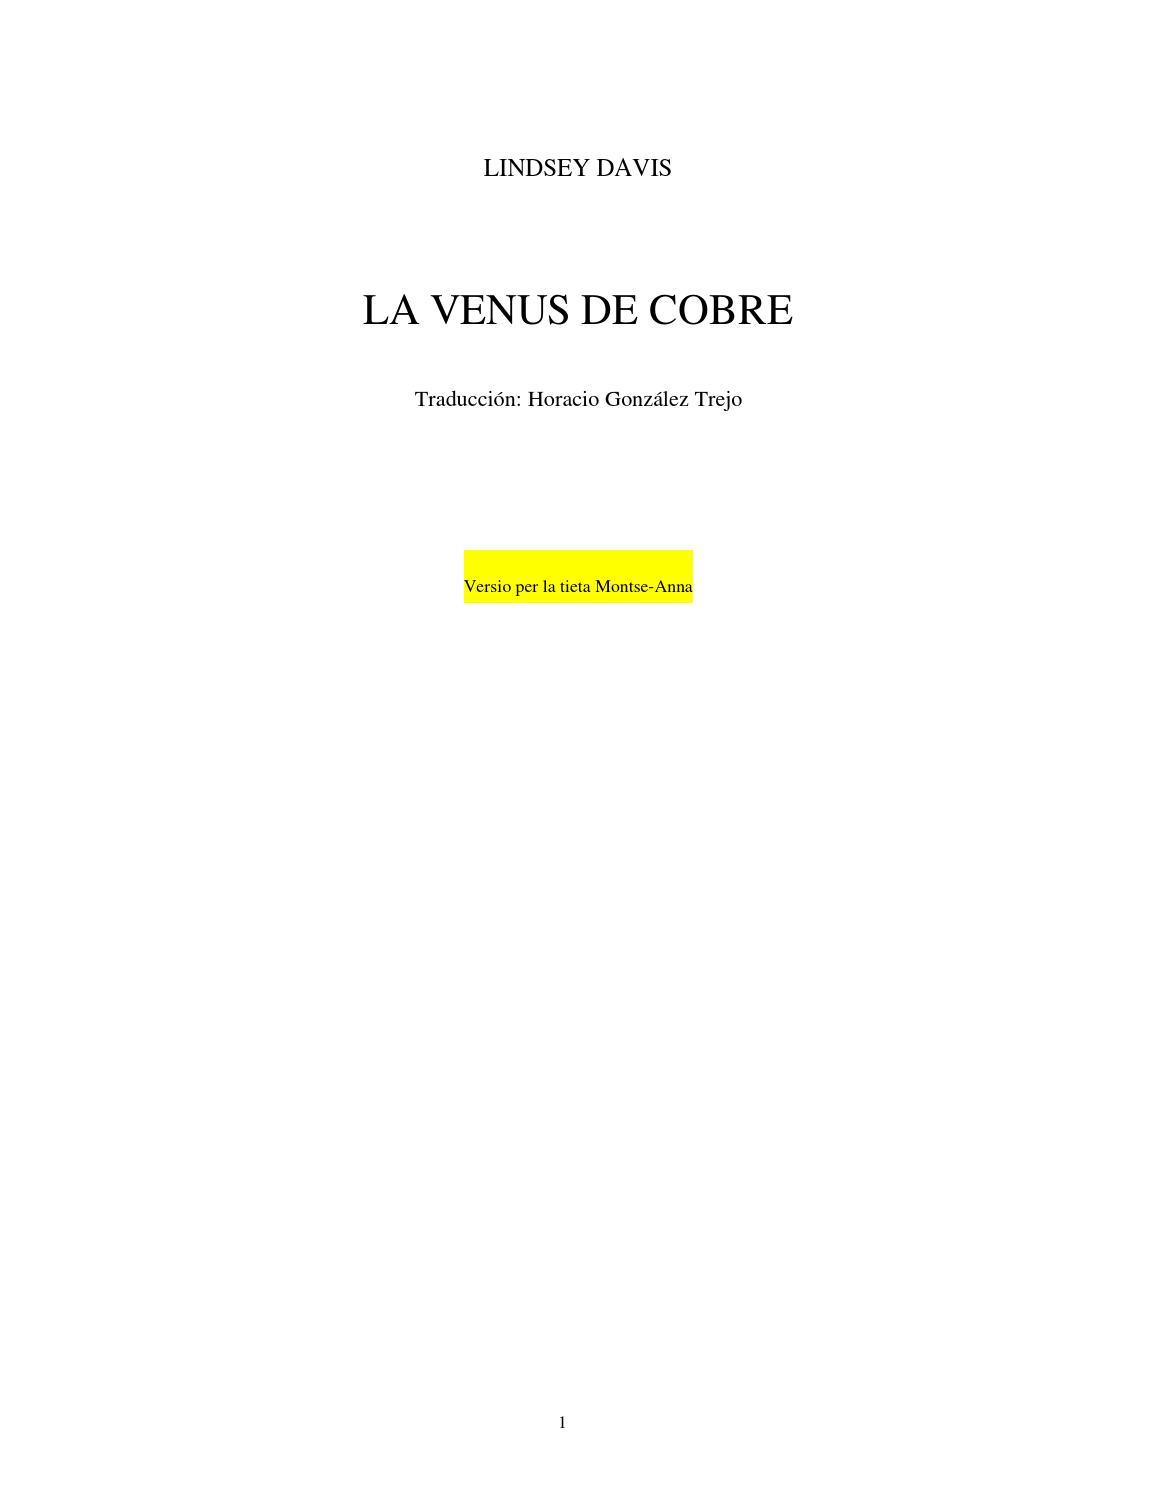 Falco 03 la venus de cobre iii 20120506125118 by Rafa Tarín - issuu